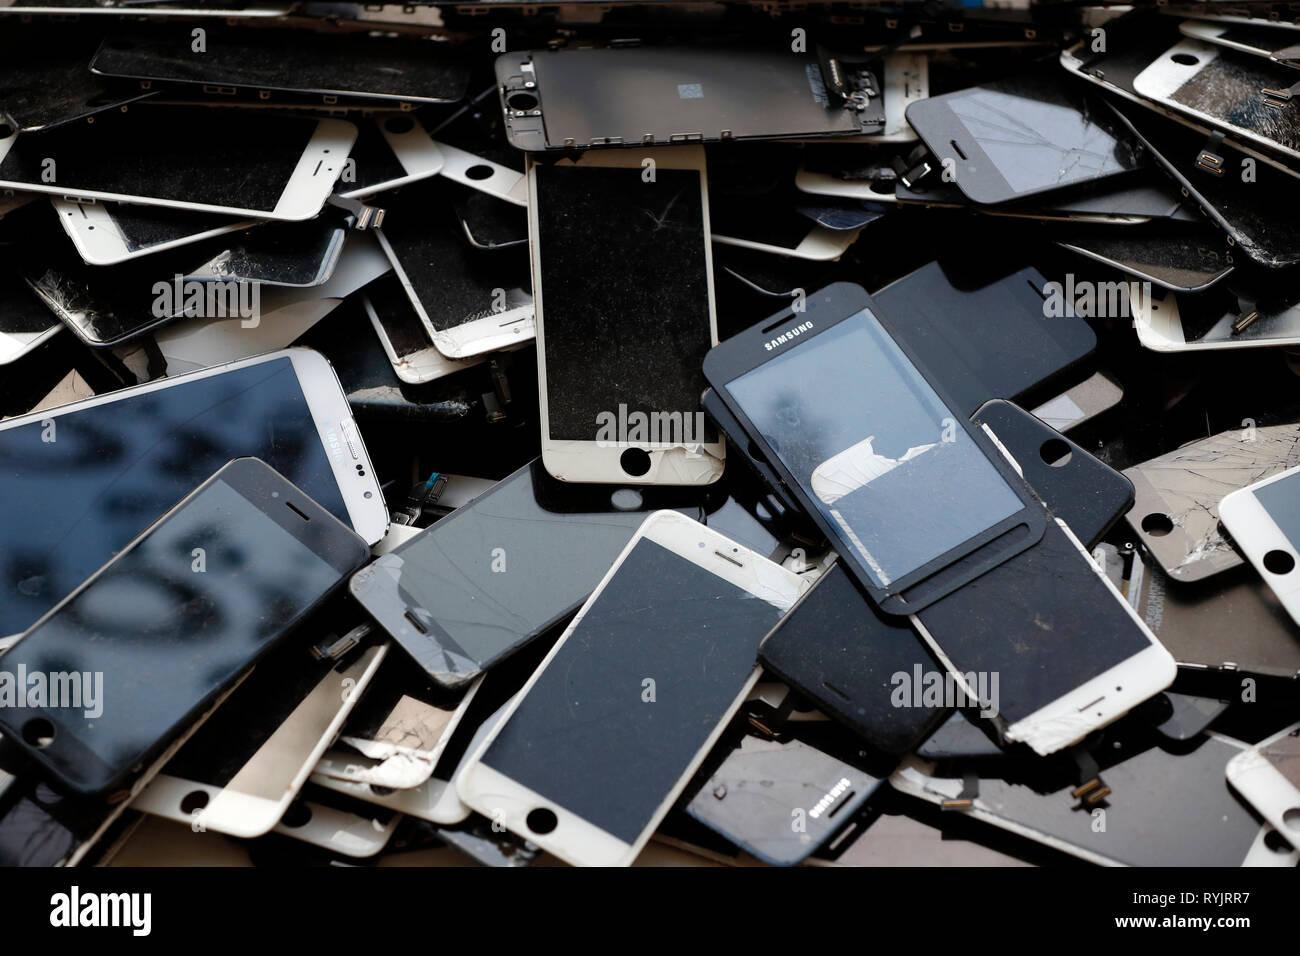 Il riciclo cellulare e smart phone. Molde. La Norvegia. Immagini Stock